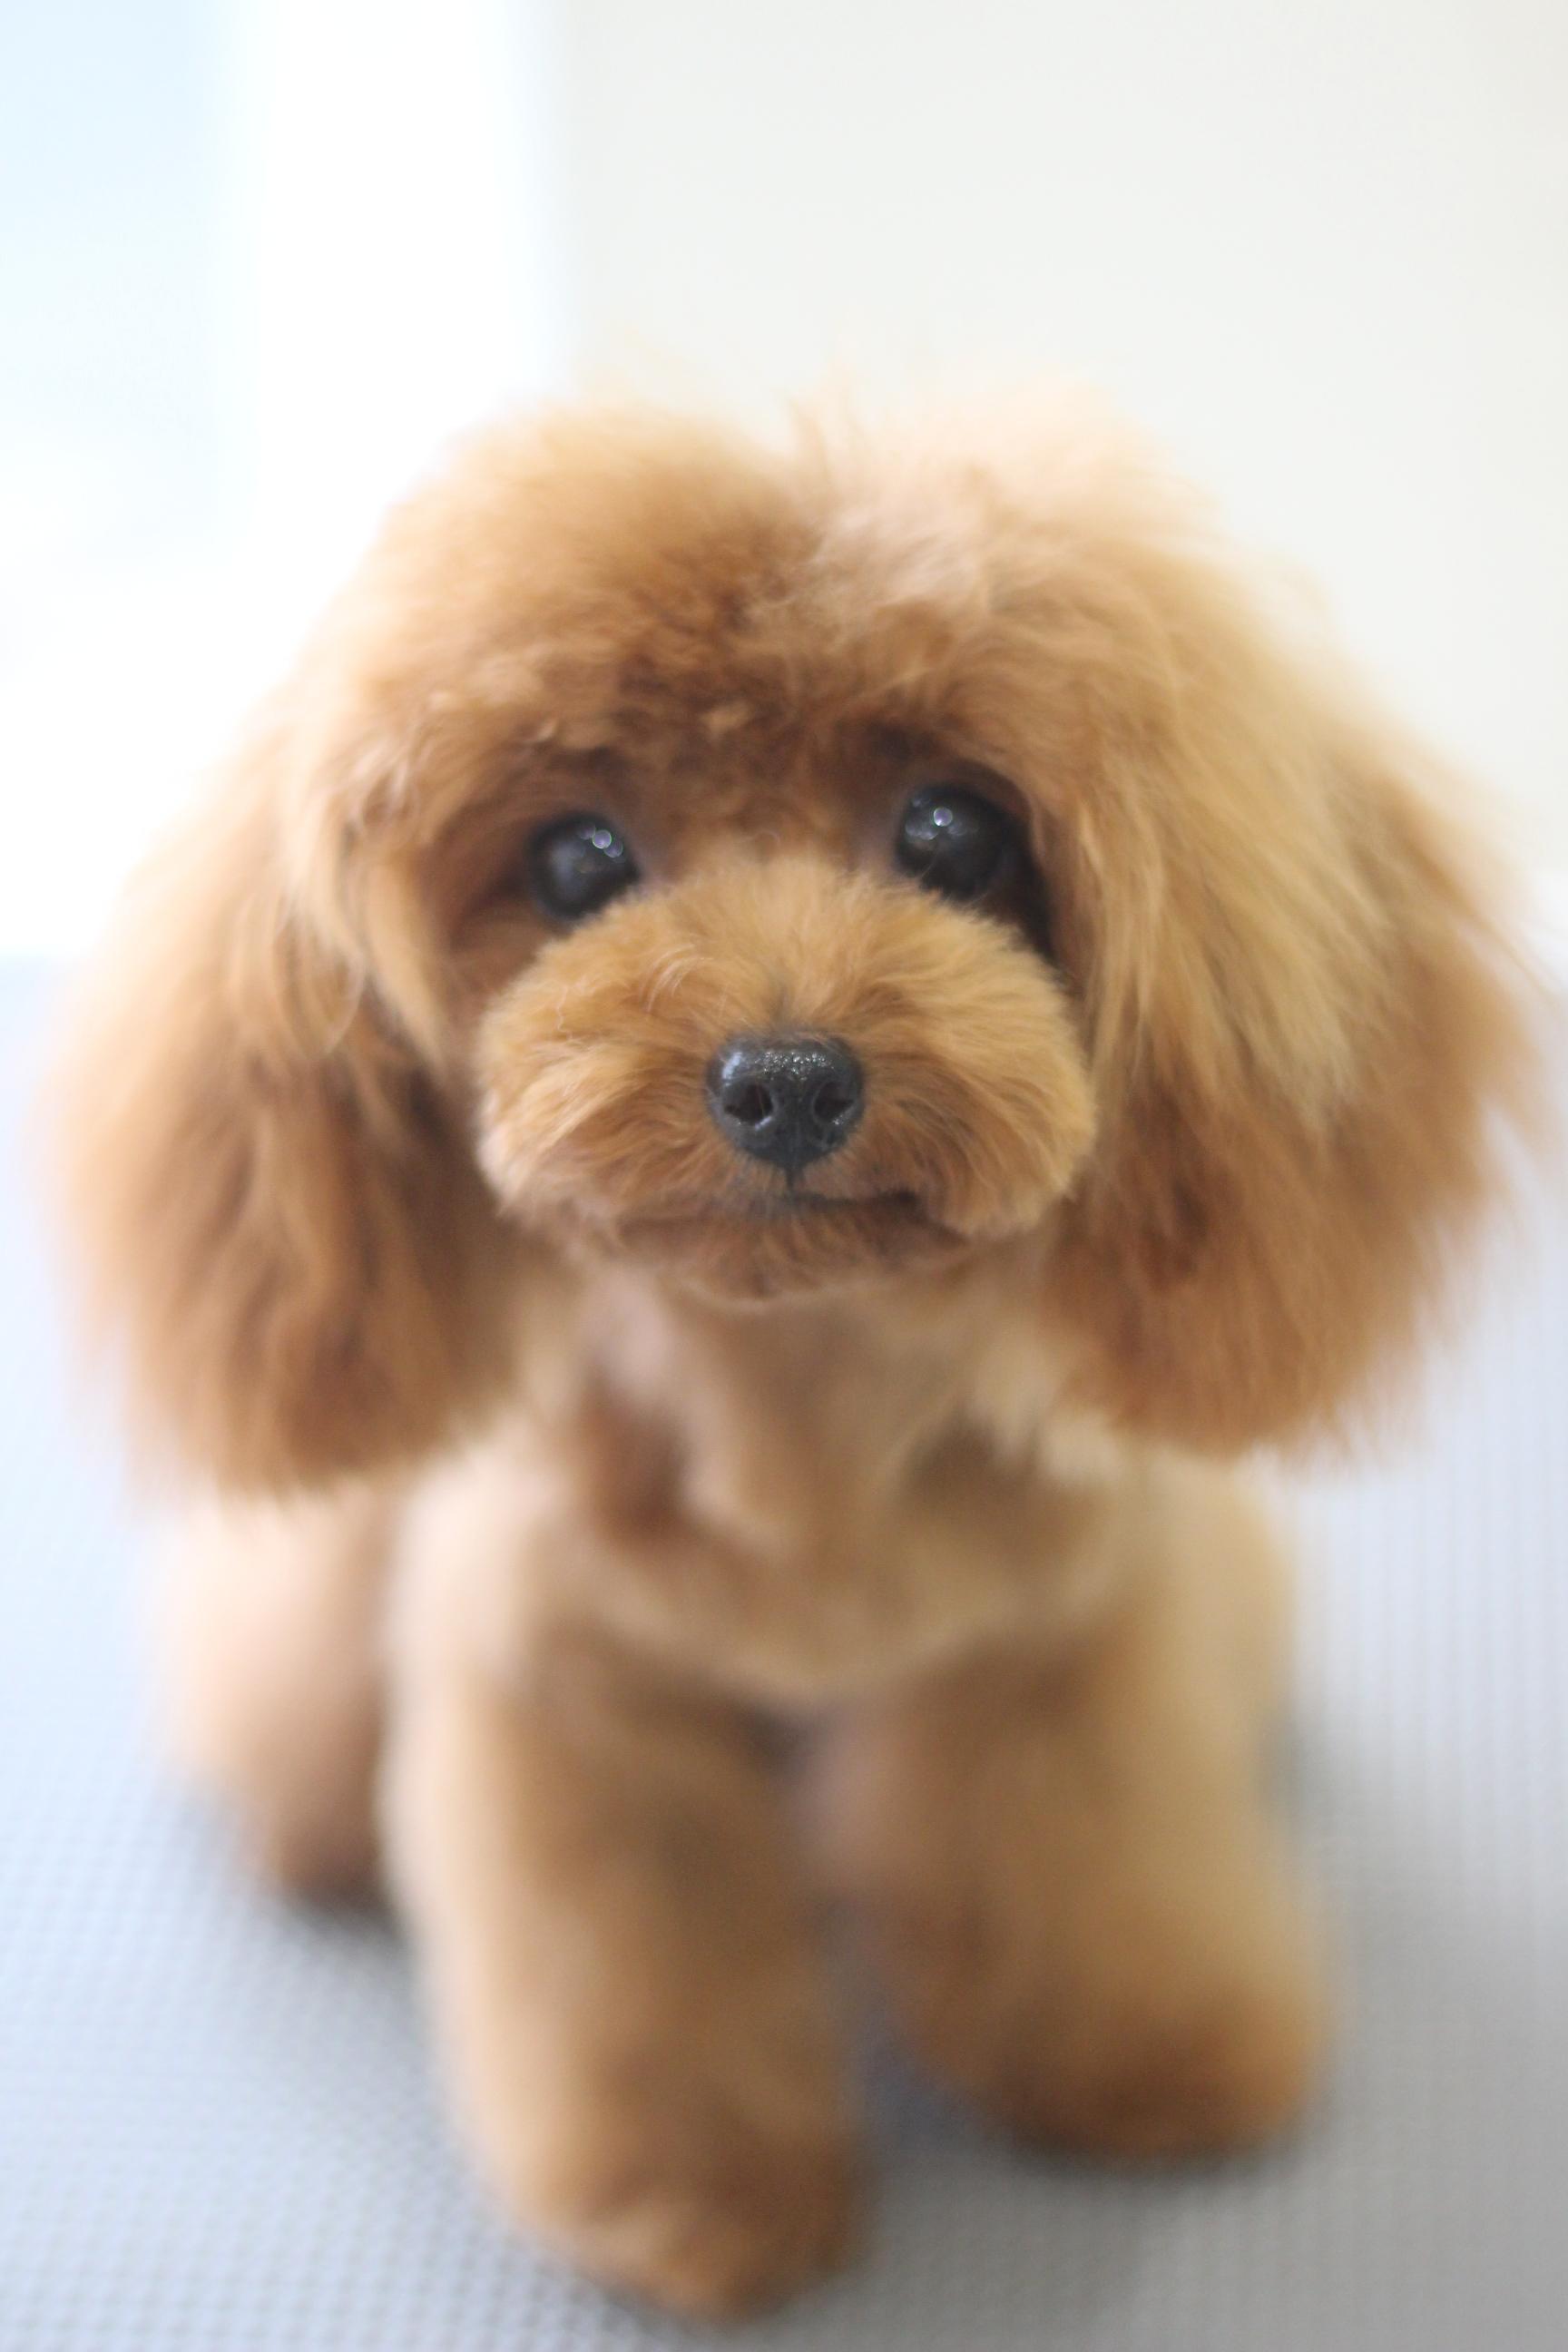 トイプードルの子犬の女の子のかわいいふわふわカットスタイル